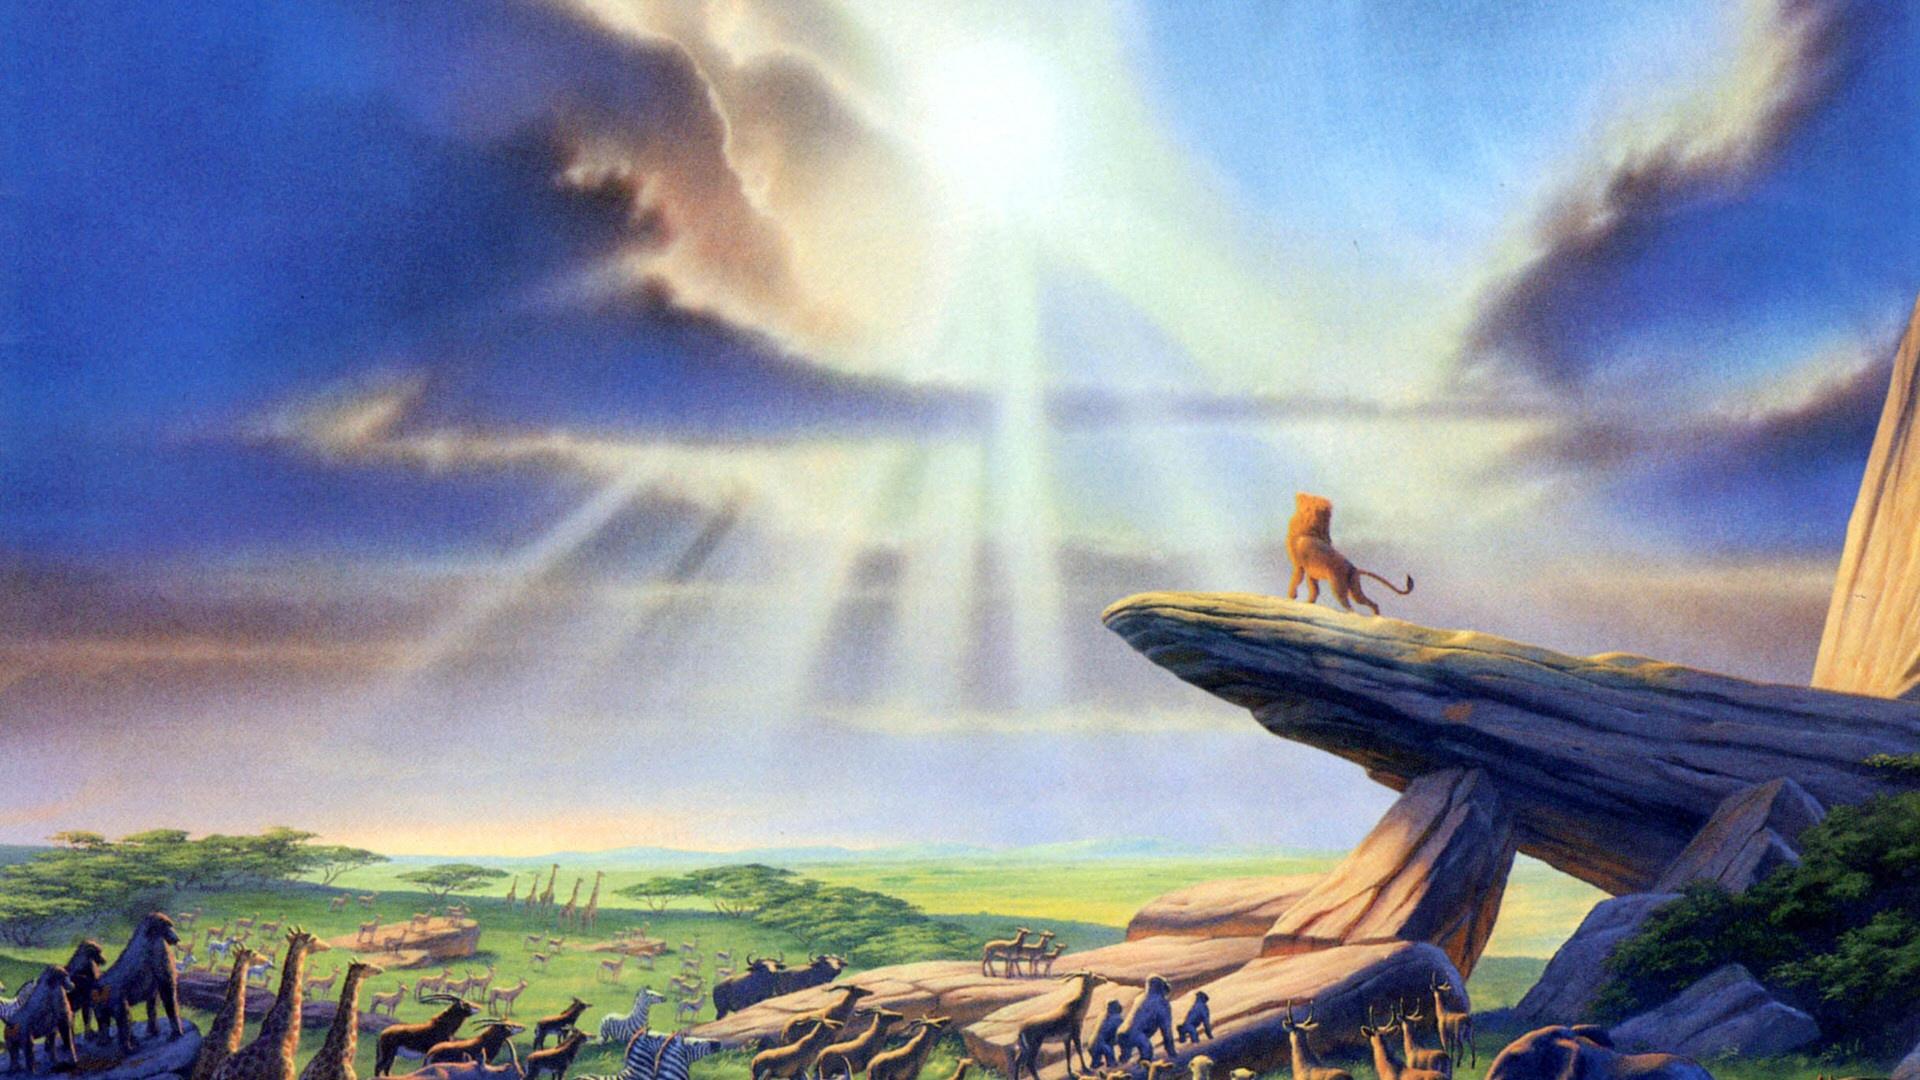 Lion King Wallpaper Disney HD Widescreen Desktop Backgrounds 1920x1080